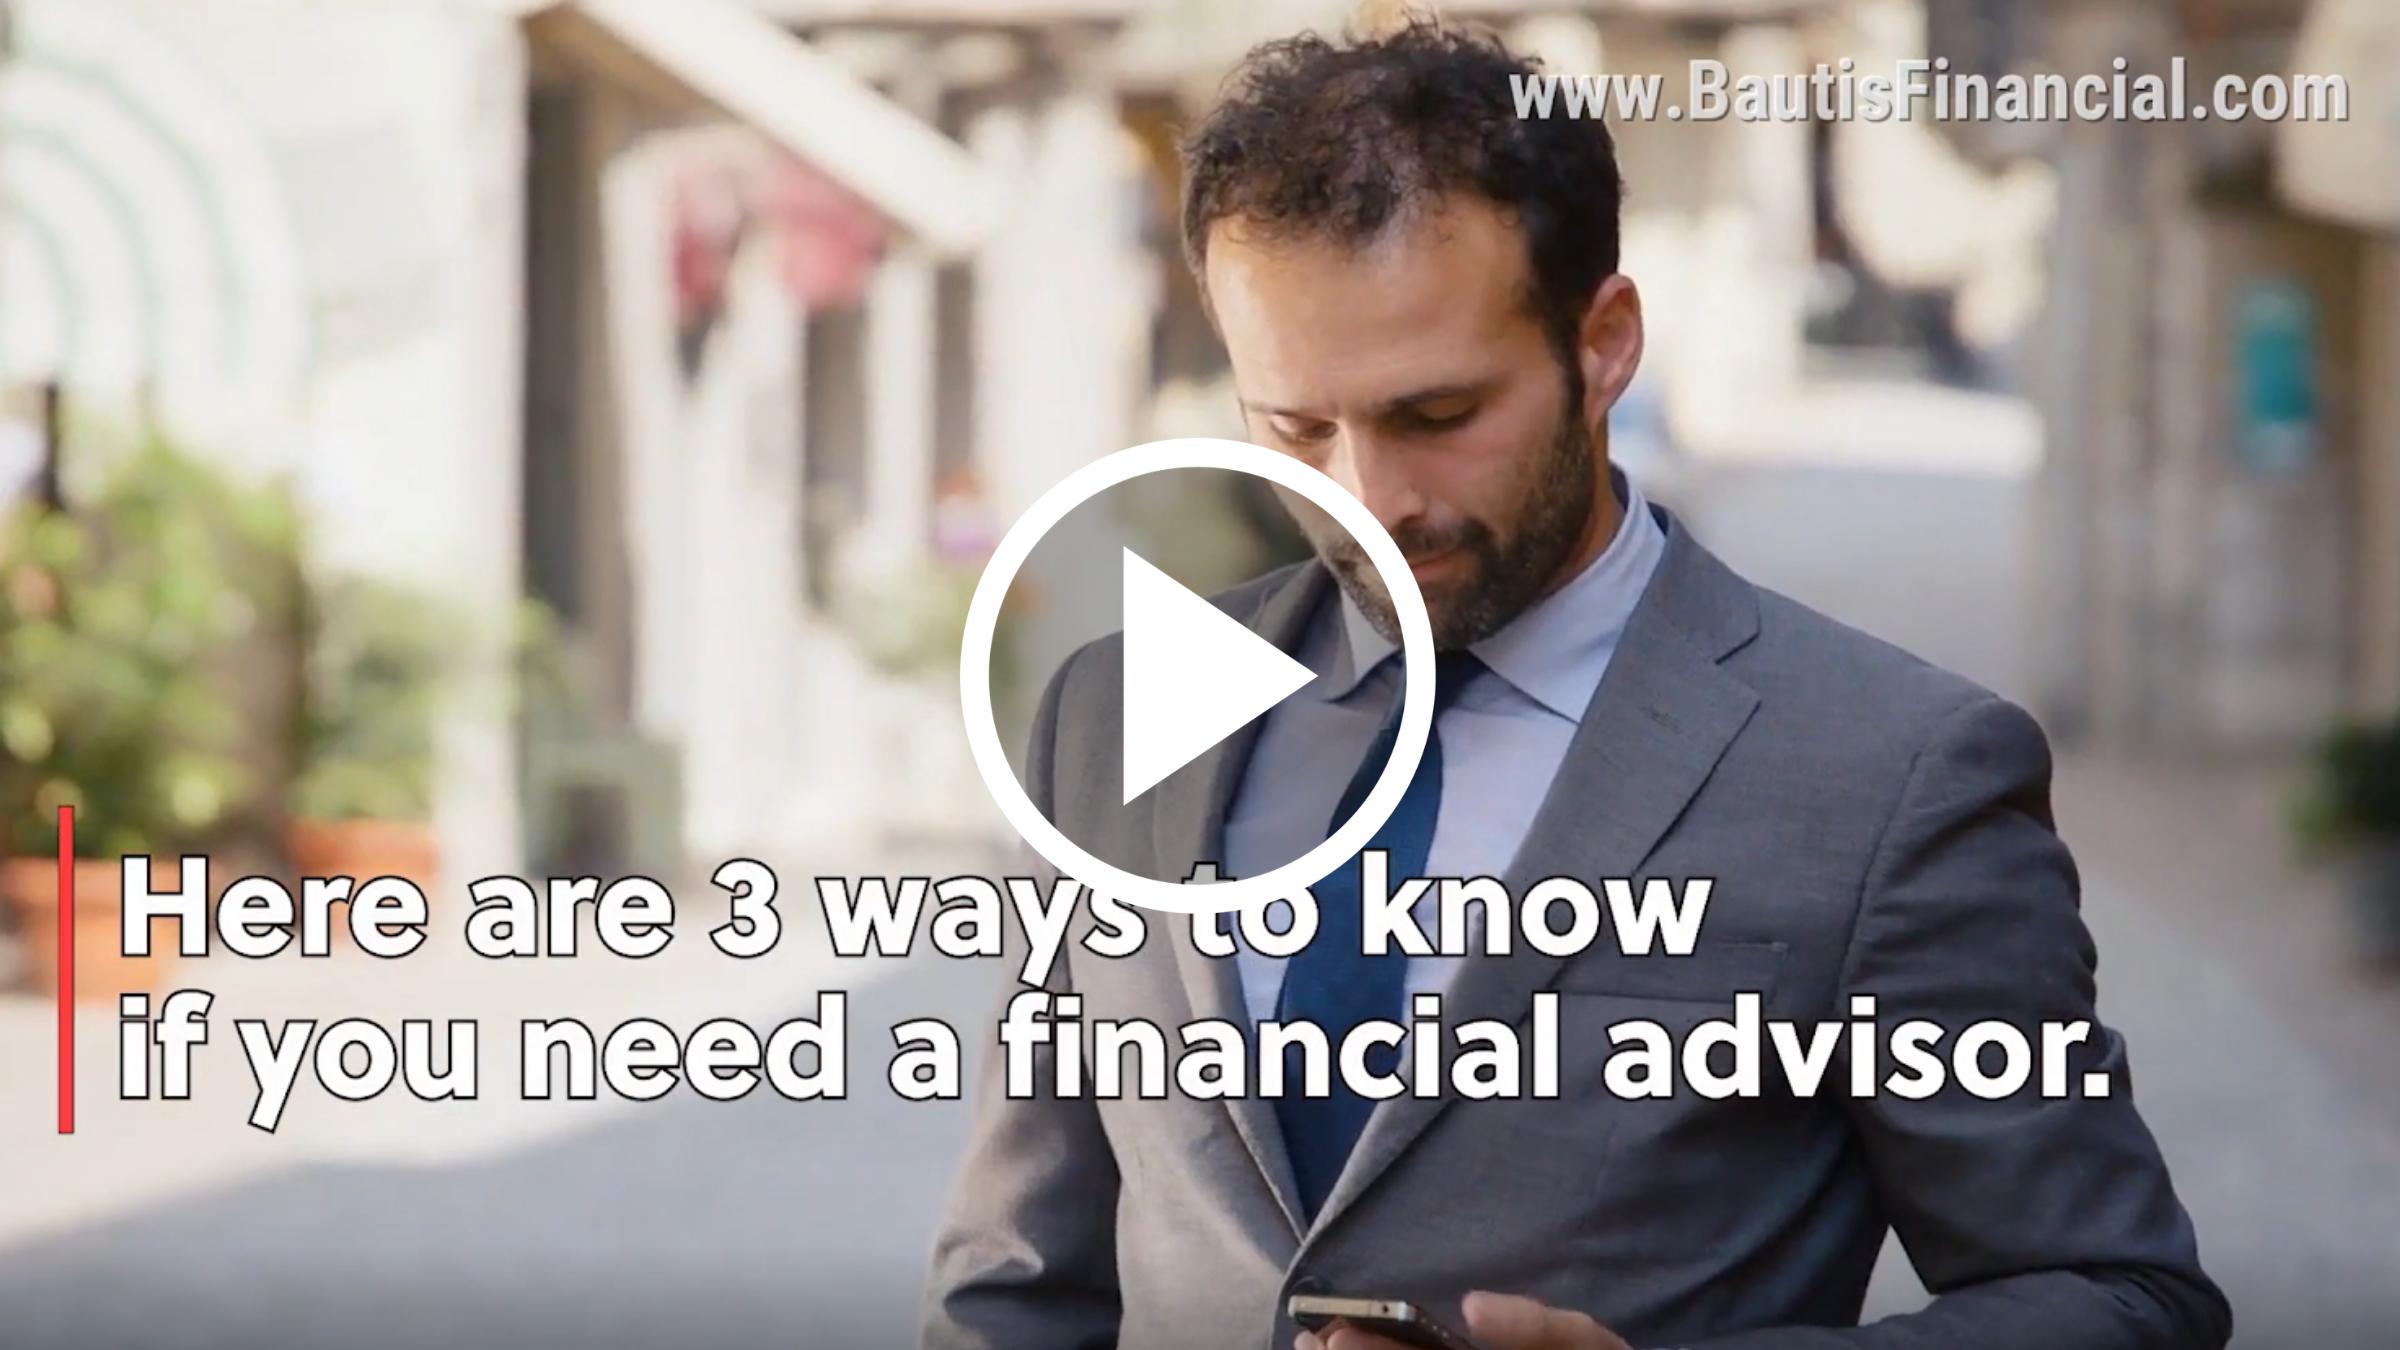 Deciding if you should hire a financial advisor